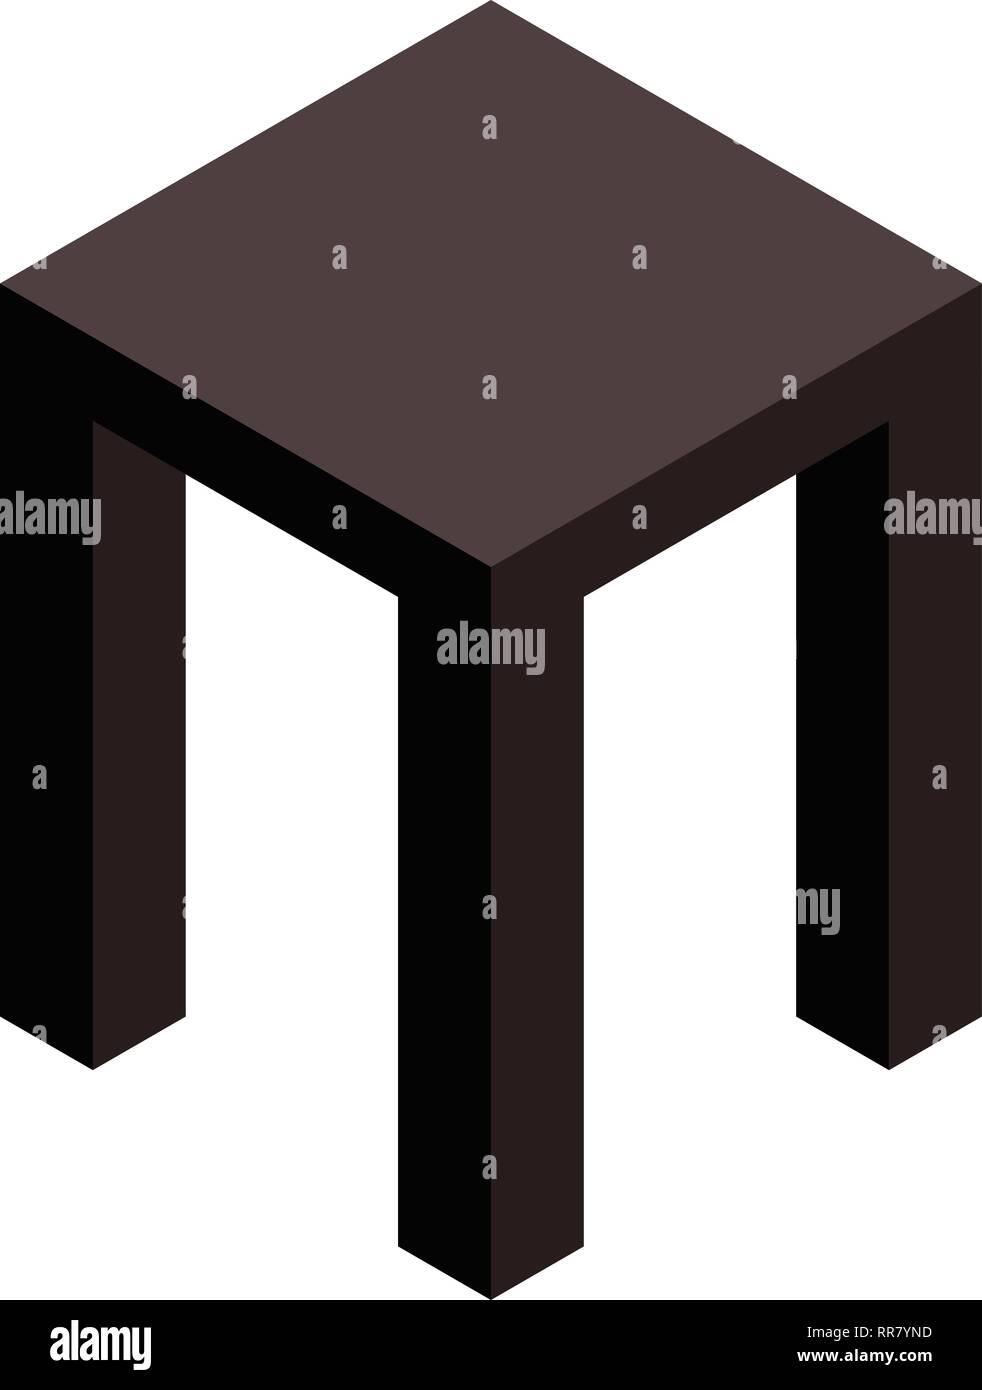 Backless stool icon, isometric style - Stock Image